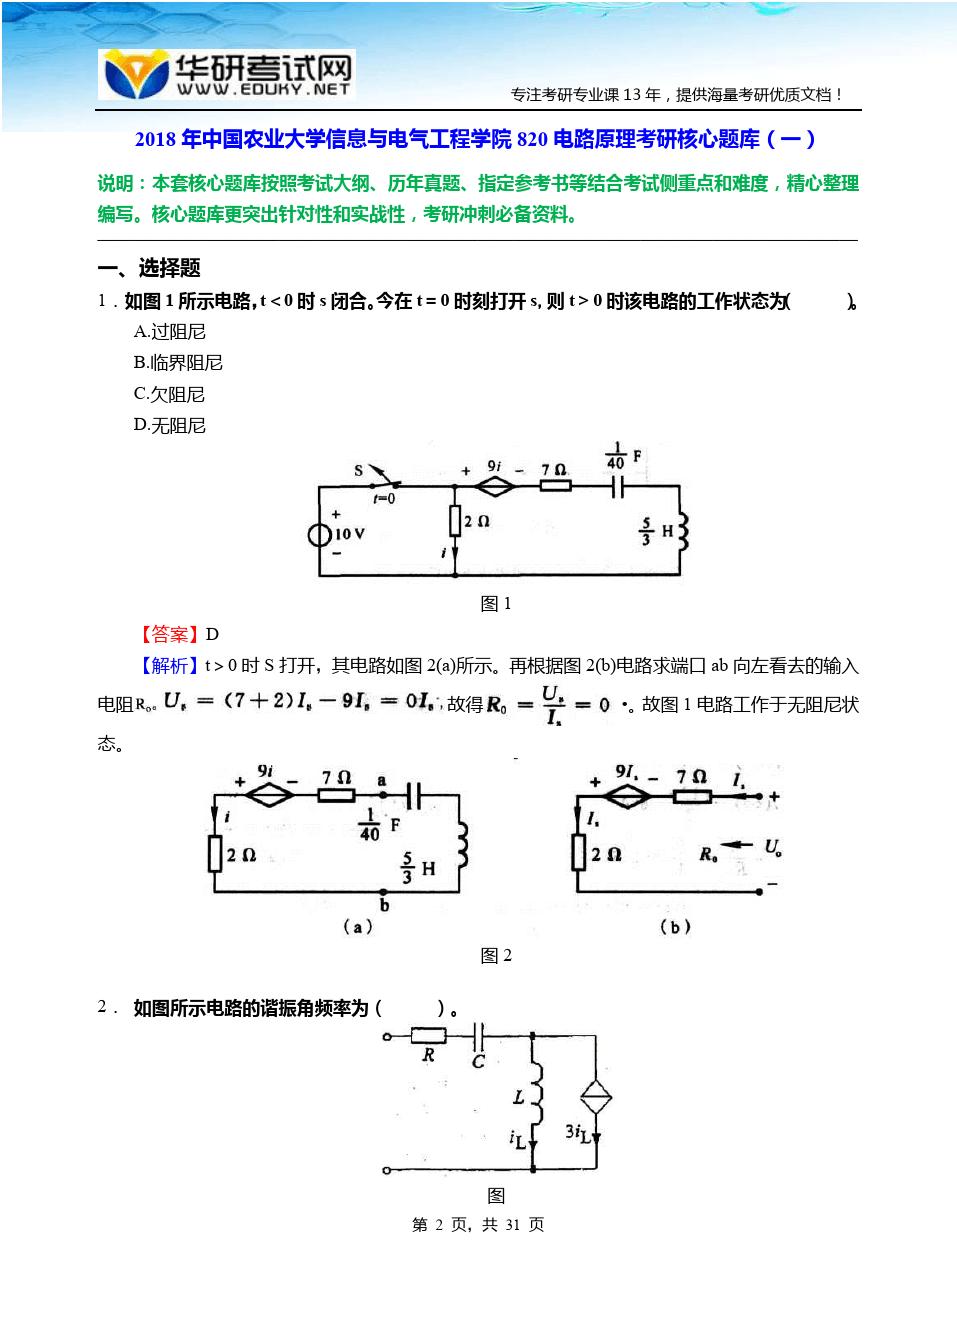 上海电力大学电气考研_东南大学的电气怎么样_东南大学电气考研经验